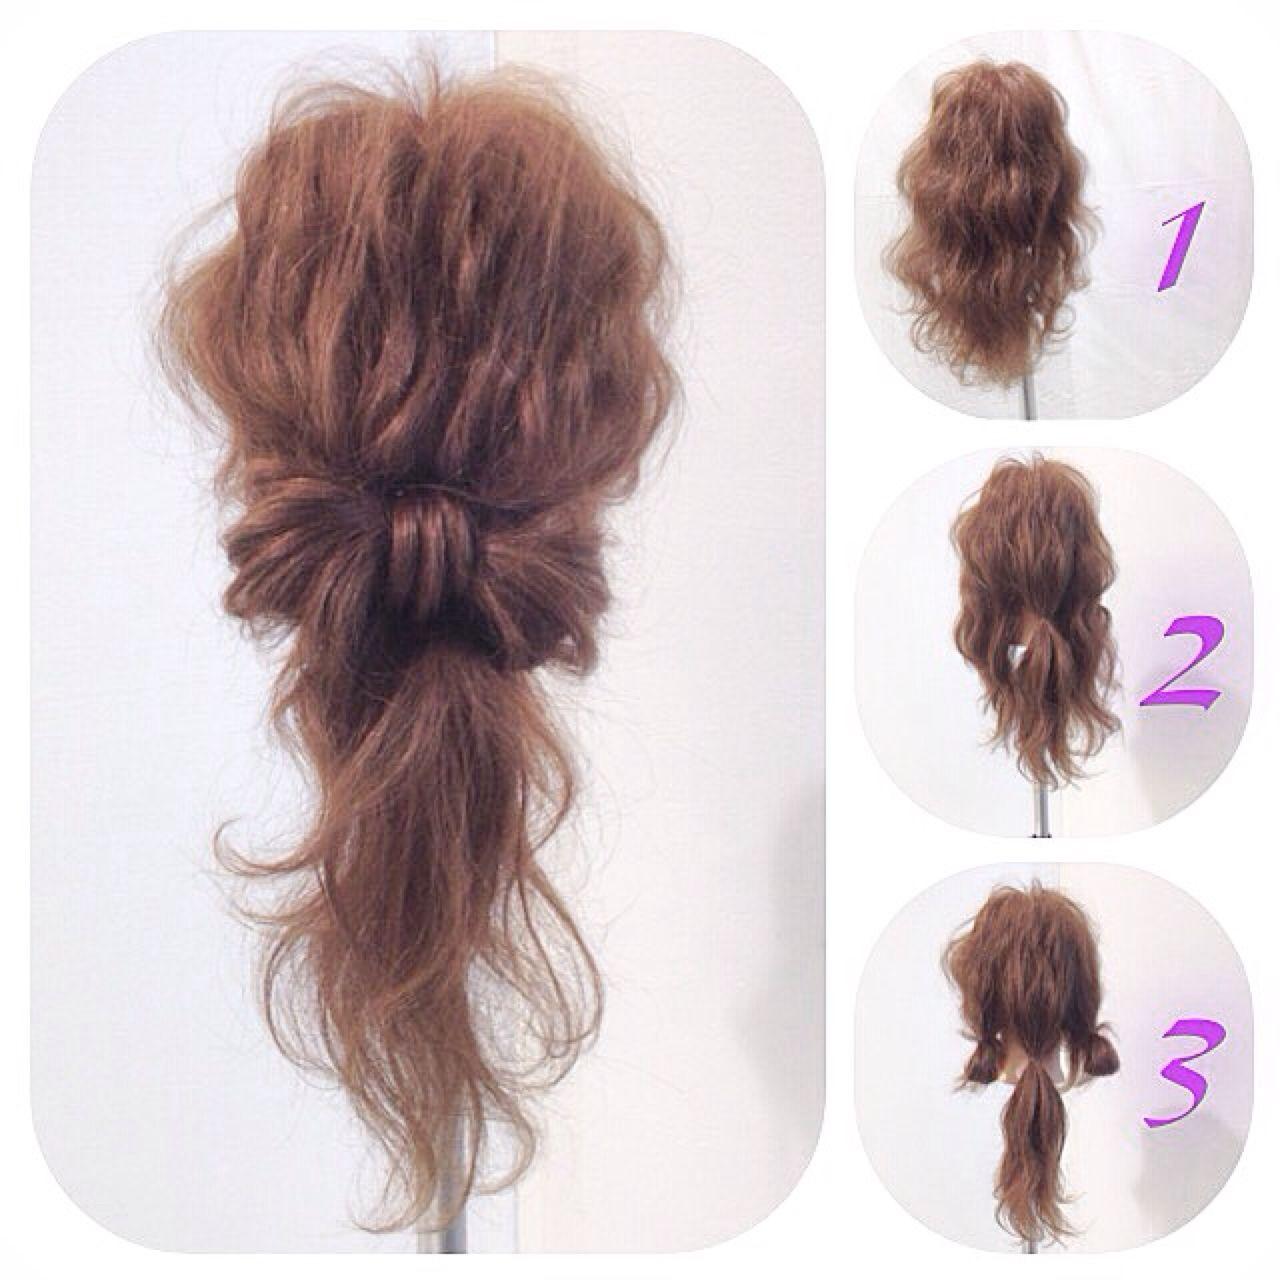 髪を巻いておきます。全体をざっくり3つに分けて、真ん中をポニーテールにします。残ったサイドの髪を、輪っかをつくるようにして結びます。両サイドの輪っかを、ポニーテールの結び目に重ねます。リボンの形になるように重ねてください。ポニーテールの表面の髪をすくって、リボンの真ん中に巻きつけます。毛先をポニーテールのゴムの中にくるりんぱして入れ込むイメージです。形を整えて完成! 憧れのリボン結びヘアアレンジがこんなに簡単に♡すぐにでも試してみたくなりますね!